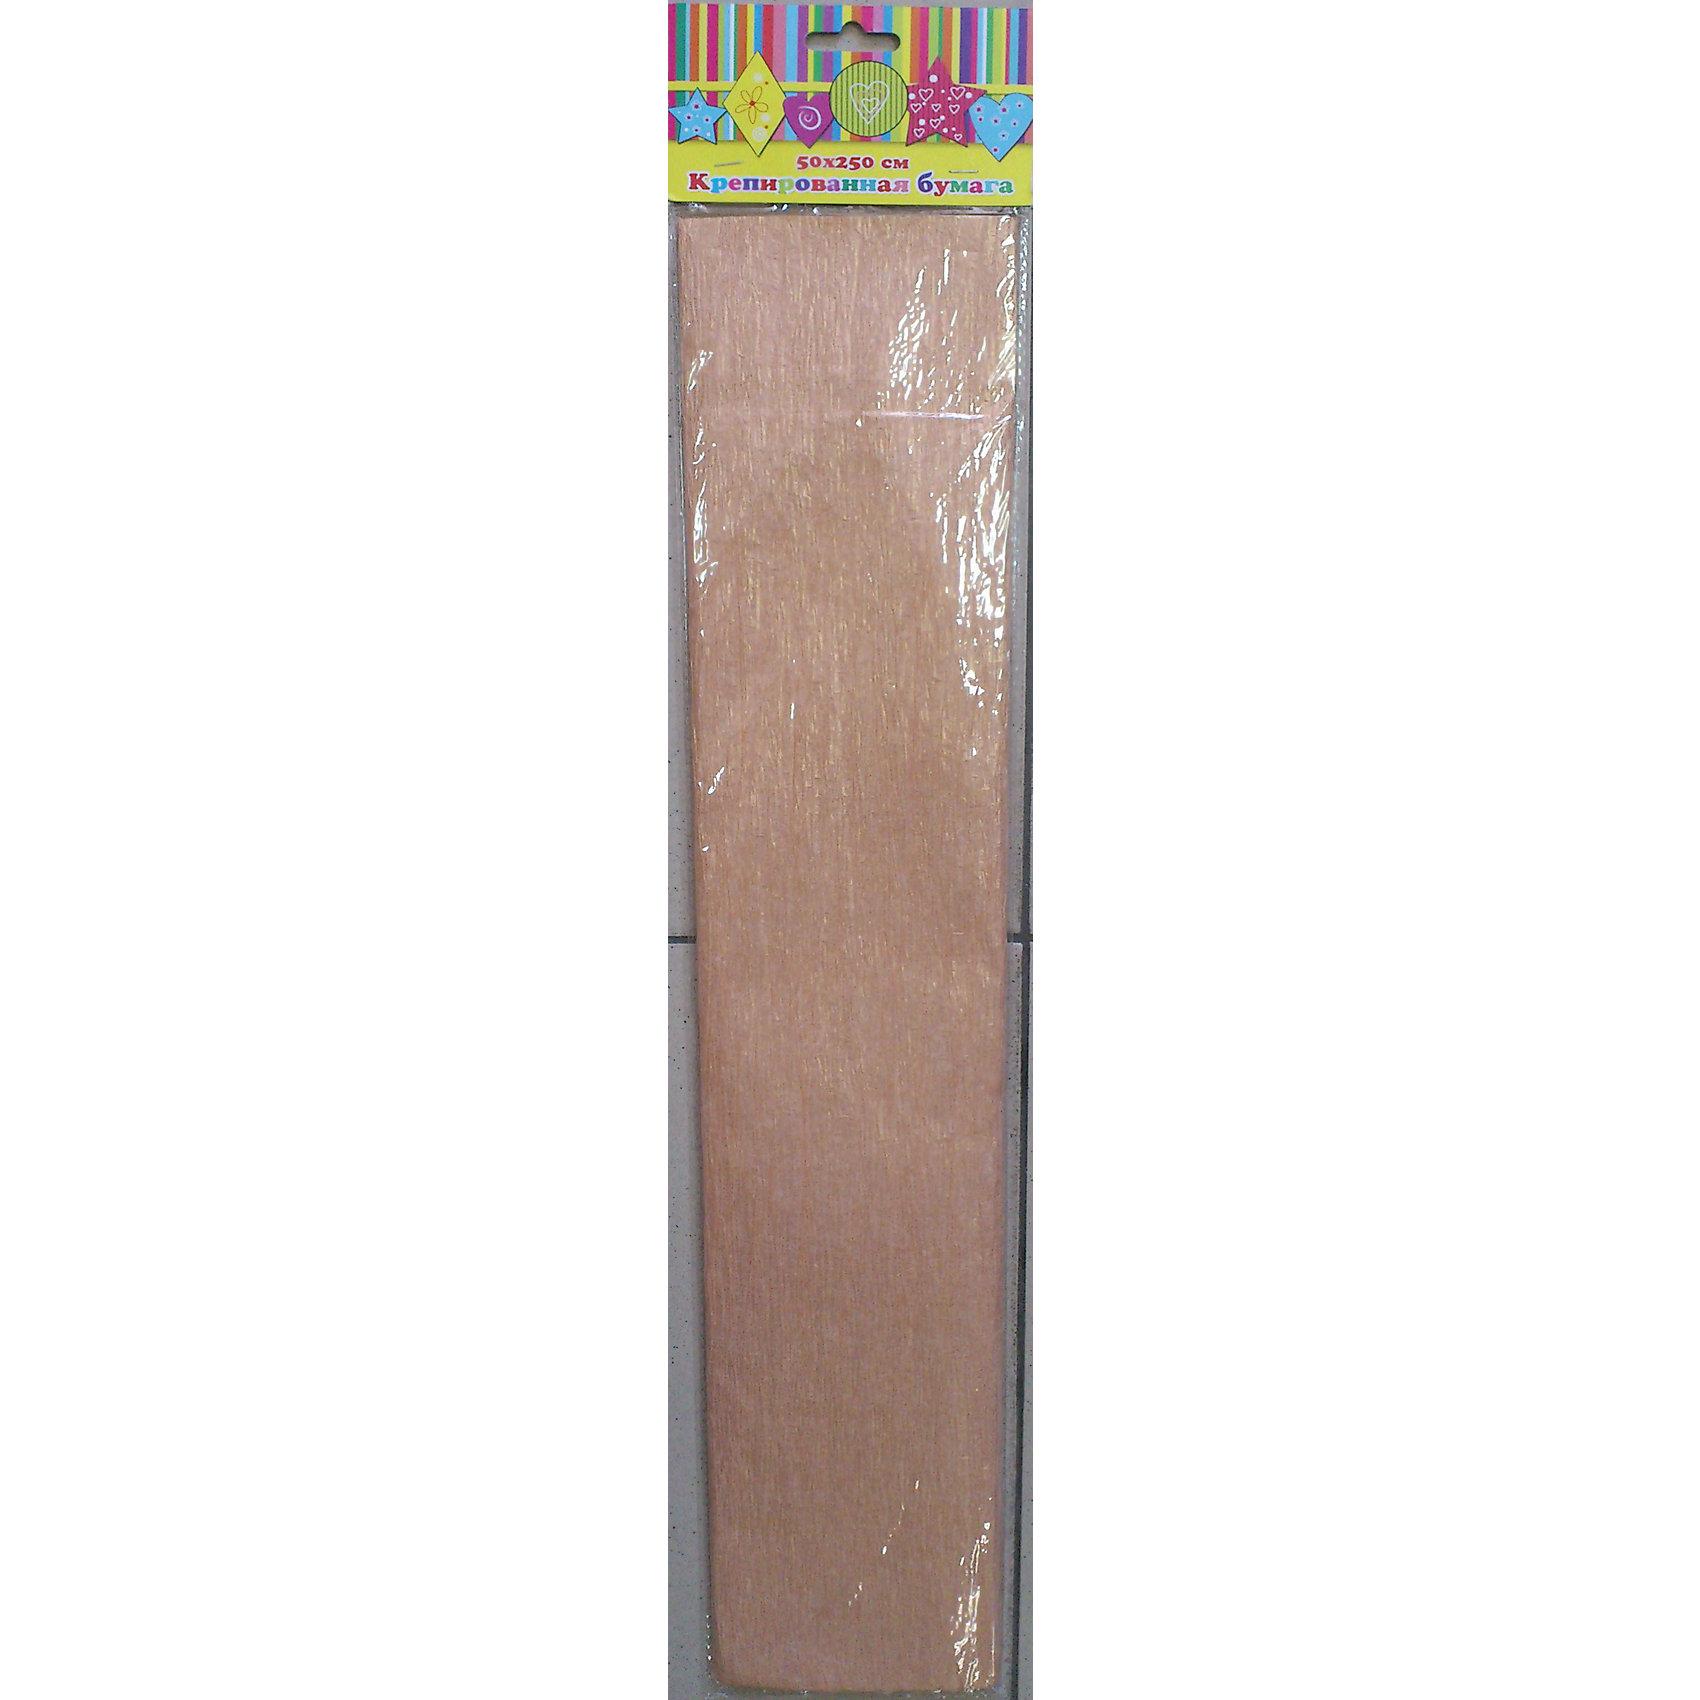 Бумага оранжевая перламутровая крепированнаяРукоделие<br>Изумительная крепированная бумага оранжевого с перламутровым цвета, из нее Ваш малыш сможет сделать множество ярких цветов или другие поделки.<br><br>Дополнительная информация:<br><br>- Возраст: от 3 лет.<br>- 1 лист.<br>- Цвет: оранжевый с перламутром.<br>- Материал: бумага.<br>- Размеры: 50х250 см.<br>- Размер упаковки: 51х11х0,2 см.<br>- Вес в упаковке: 35 г. <br><br>Купить крепированную бумагу в оранжевом с перламутровым цвете, можно в нашем магазине.<br><br>Ширина мм: 520<br>Глубина мм: 110<br>Высота мм: 6<br>Вес г: 32<br>Возраст от месяцев: 36<br>Возраст до месяцев: 2147483647<br>Пол: Унисекс<br>Возраст: Детский<br>SKU: 4943536